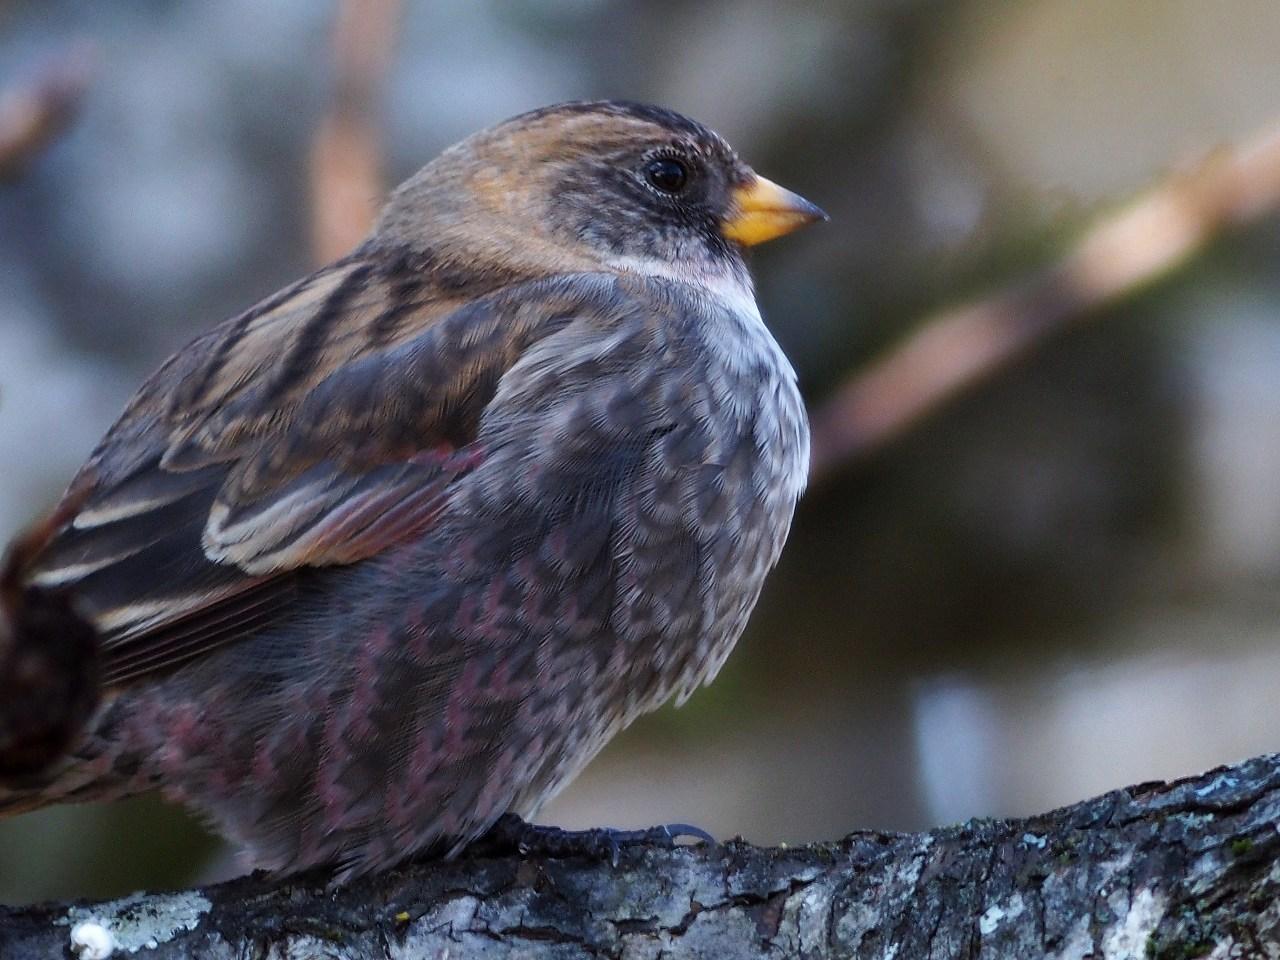 AFボーグ BORGで撮影した野鳥・ハギマシコの写真画像